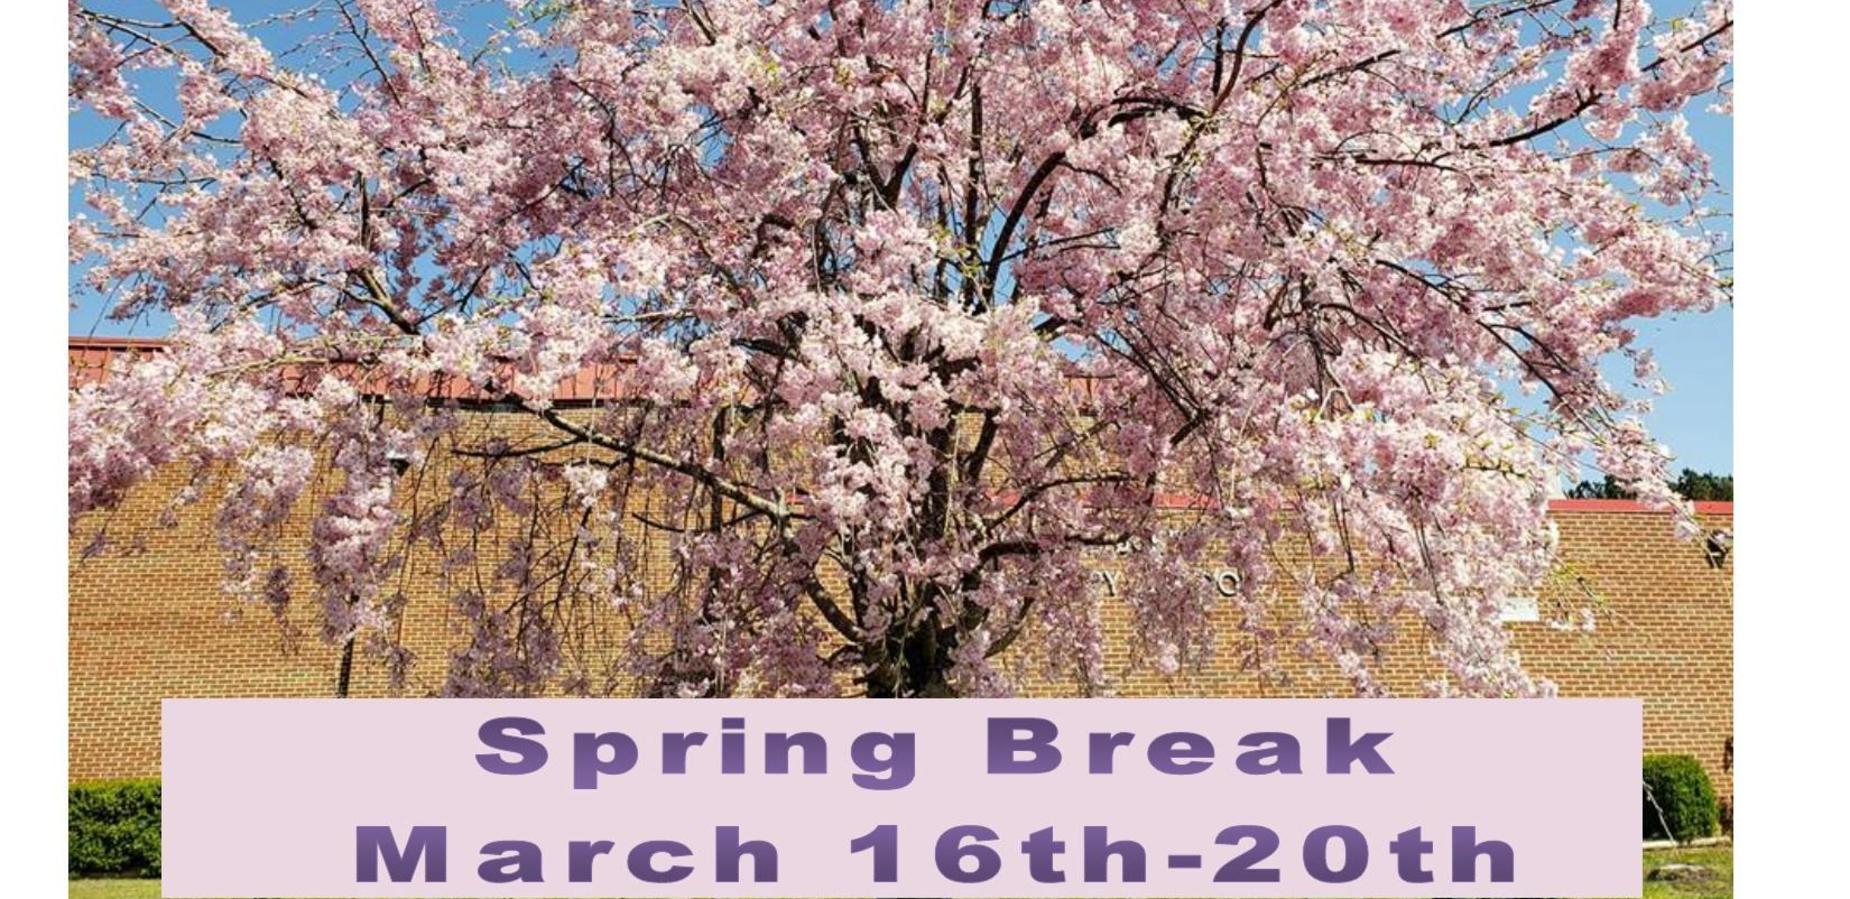 Spring Break March 16th-20th